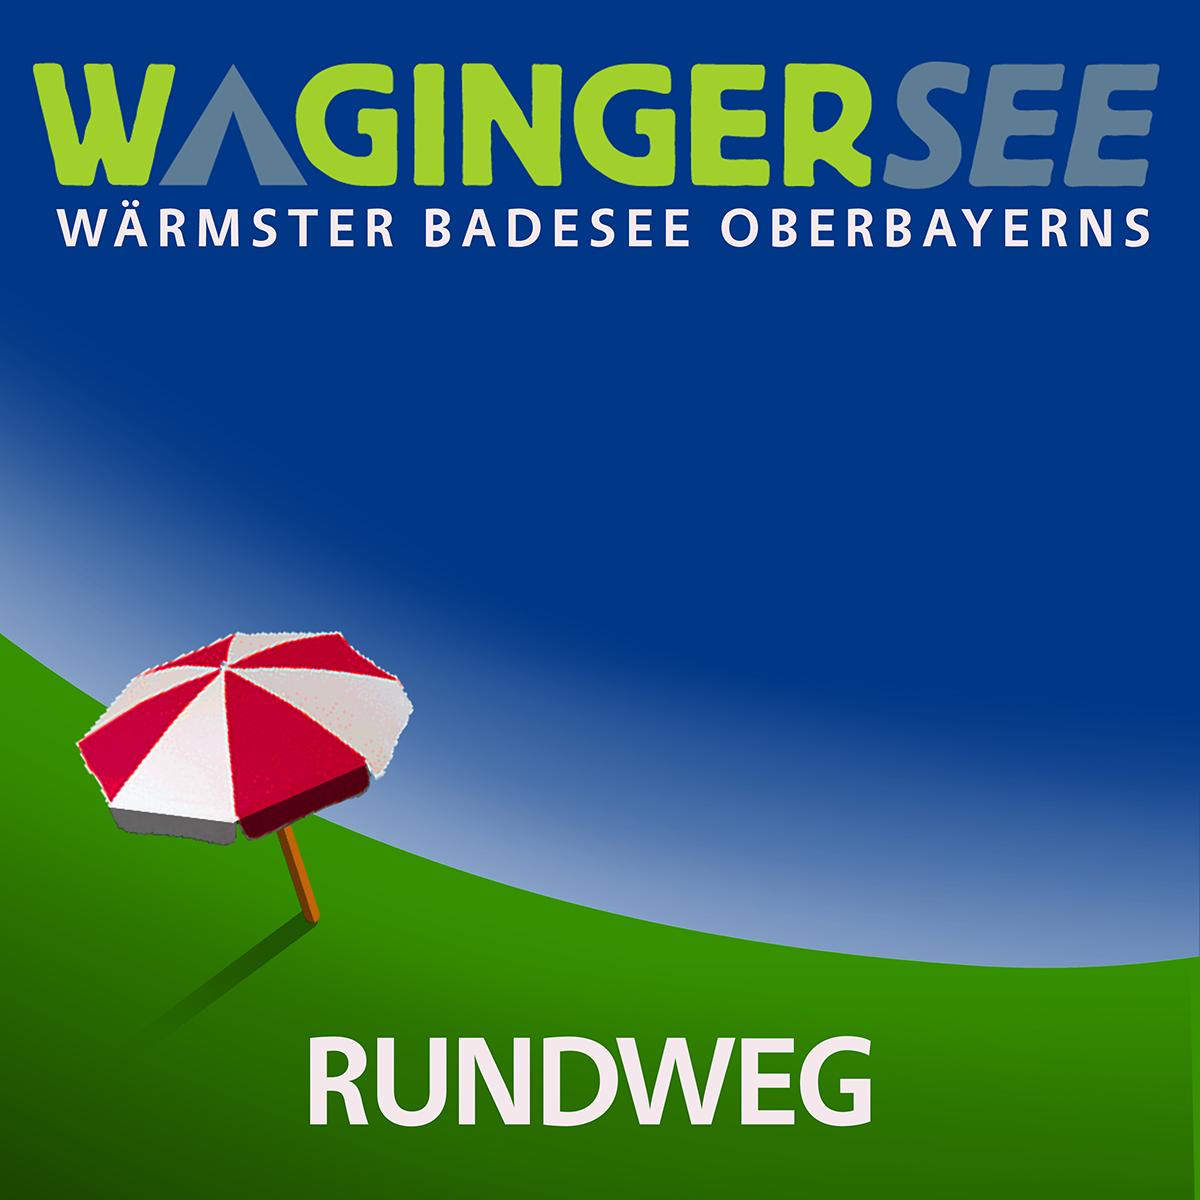 Waginger See Rundweg